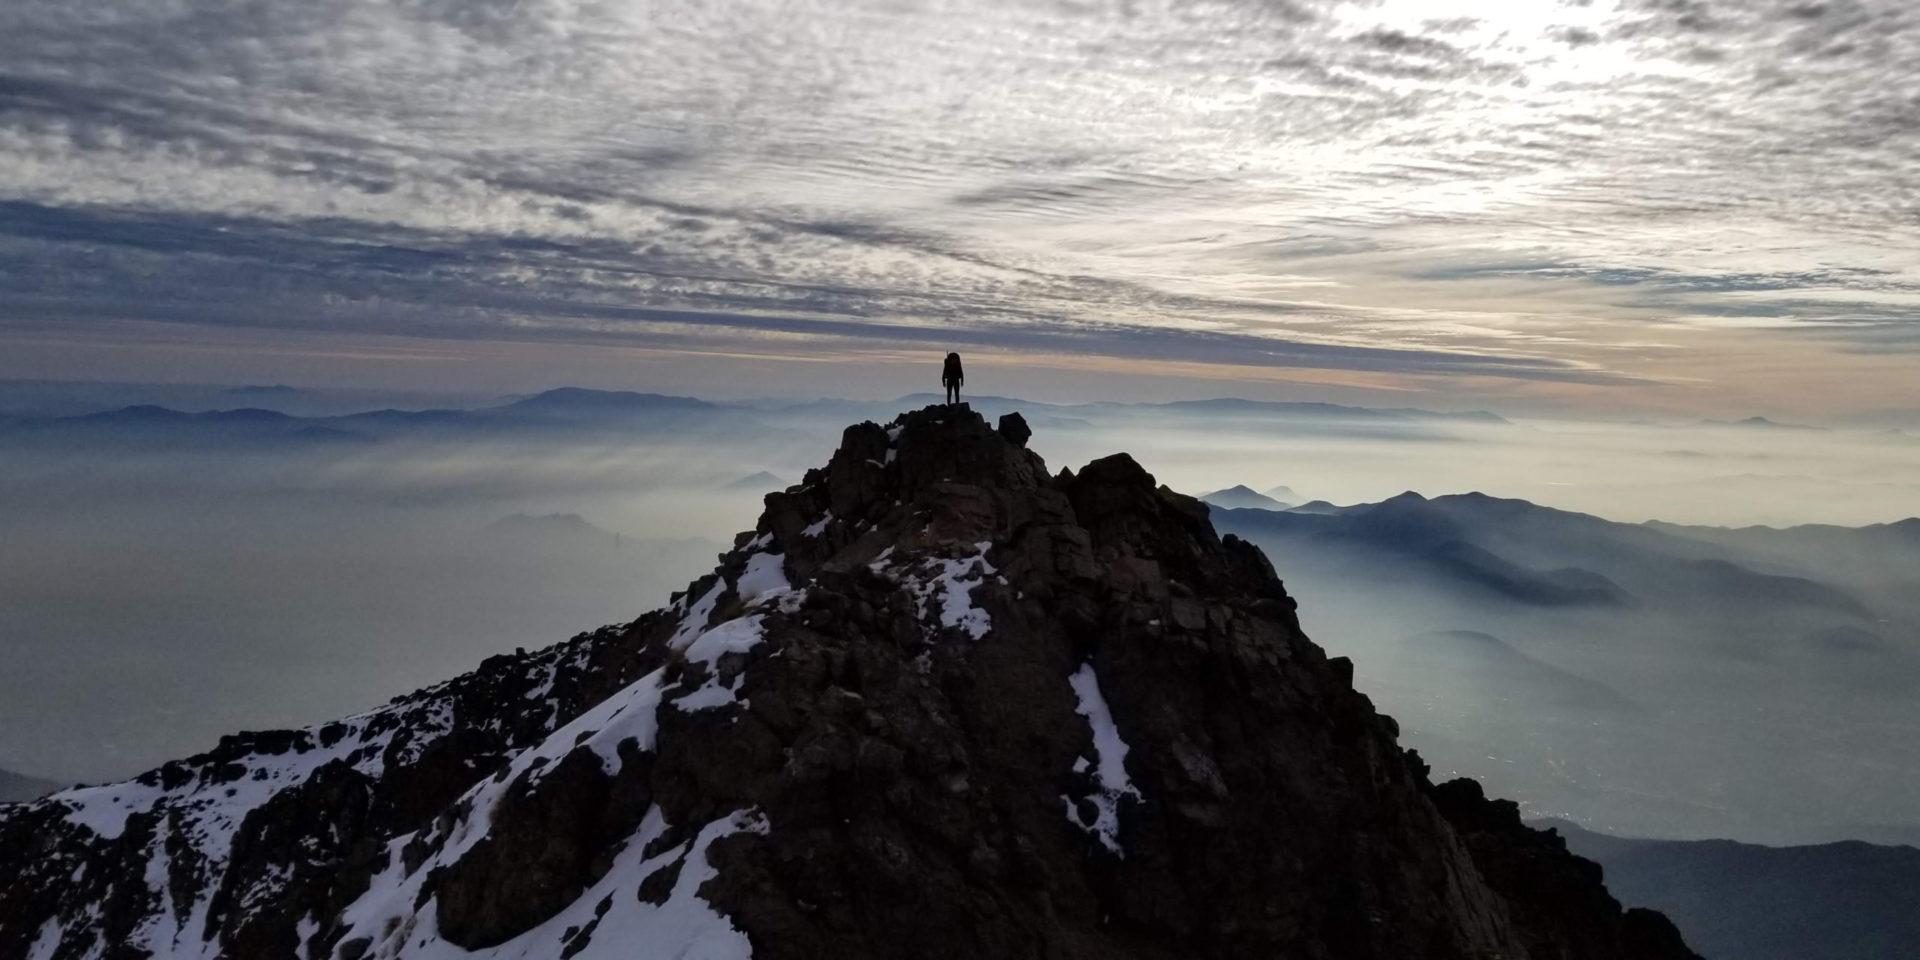 """MISTI Chile: """"Dos chicas solas en las montañas, Guau"""""""